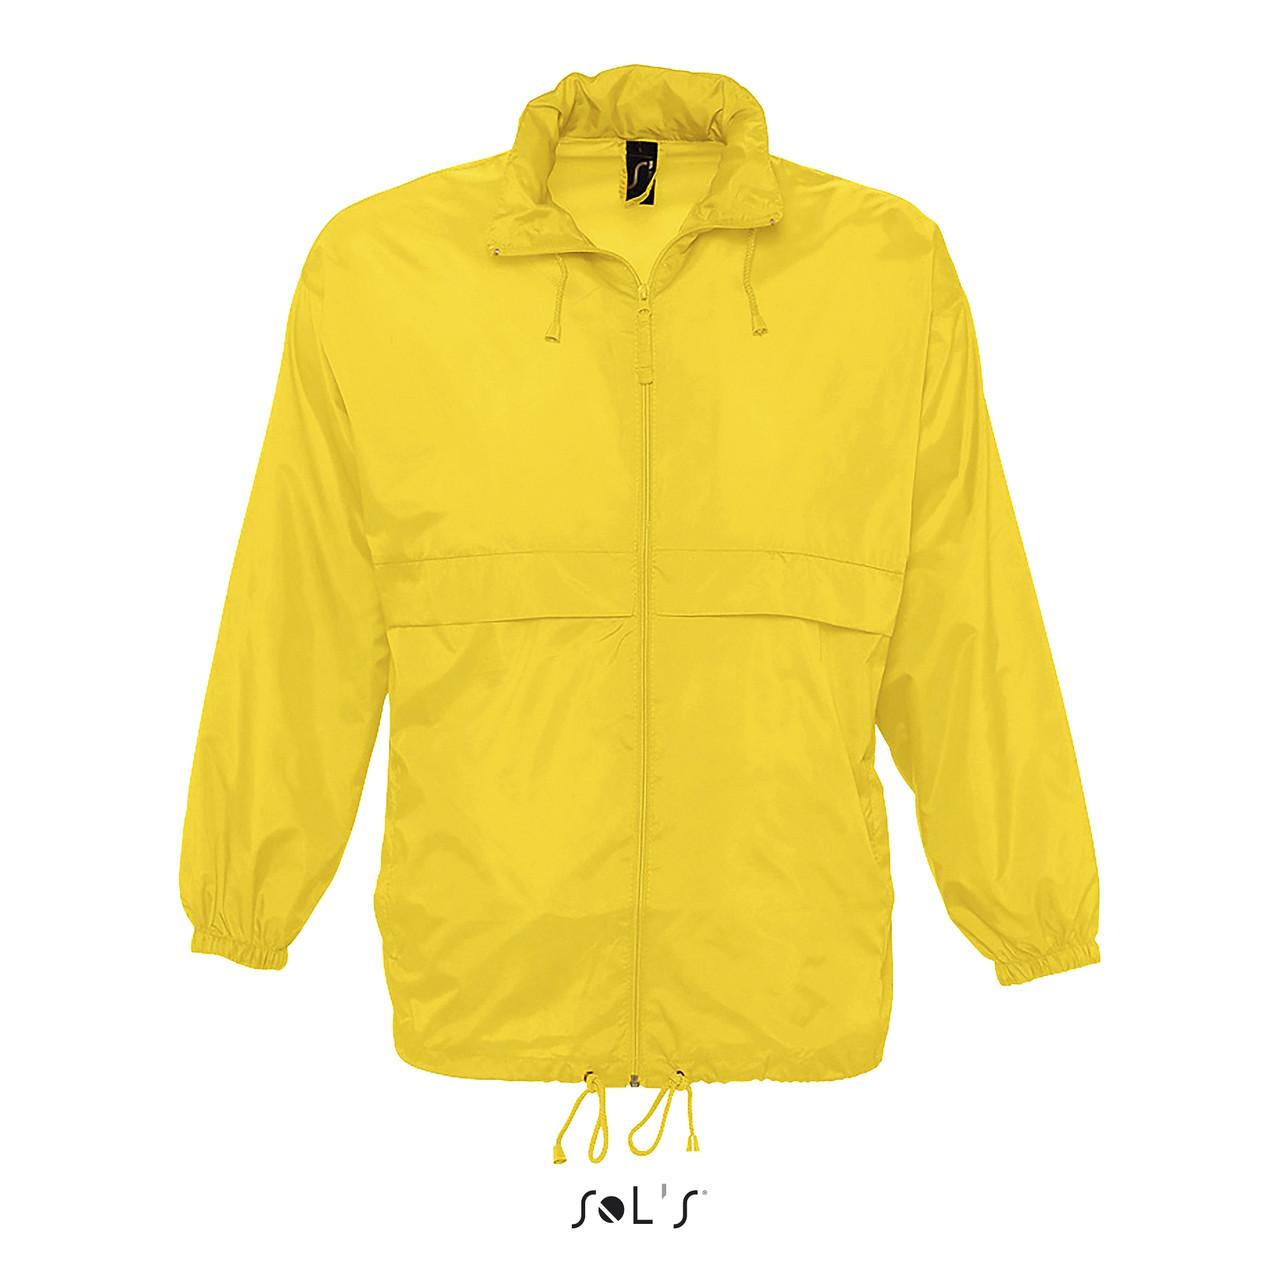 Водонепроницаемая ветровка Sols Surf, Желтая S